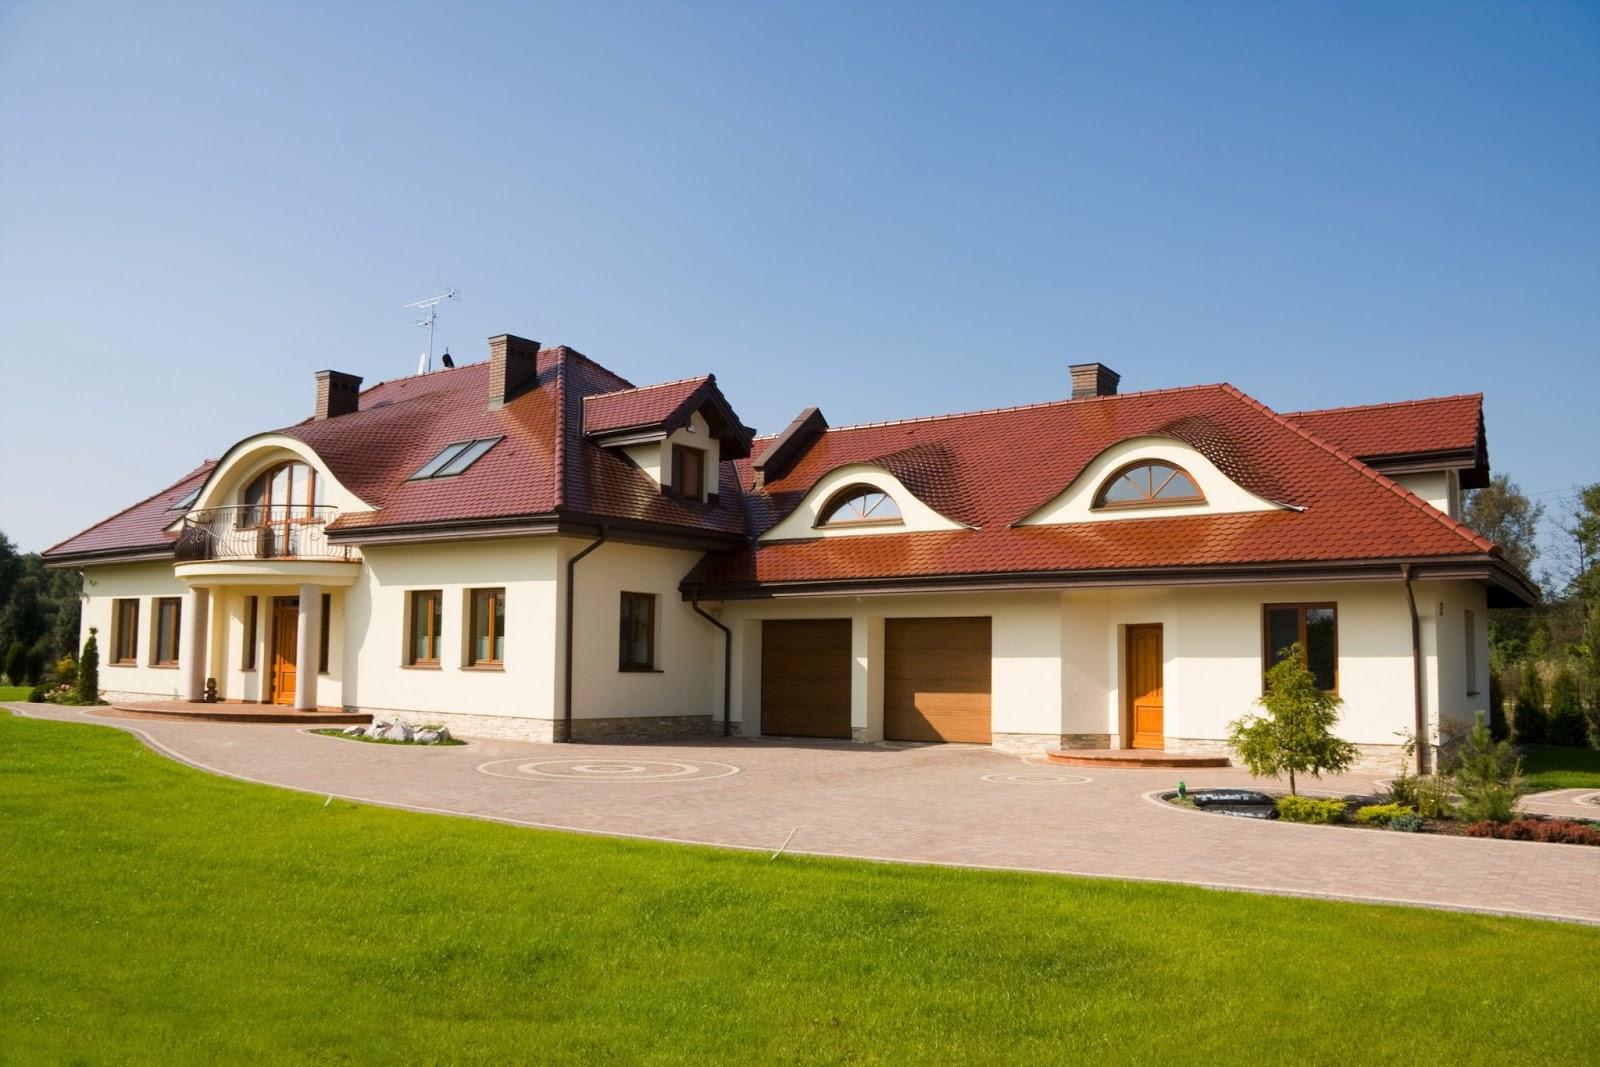 Banco de im genes 12 fotos de casas y residencias for Fotos de casas modernas con tejas